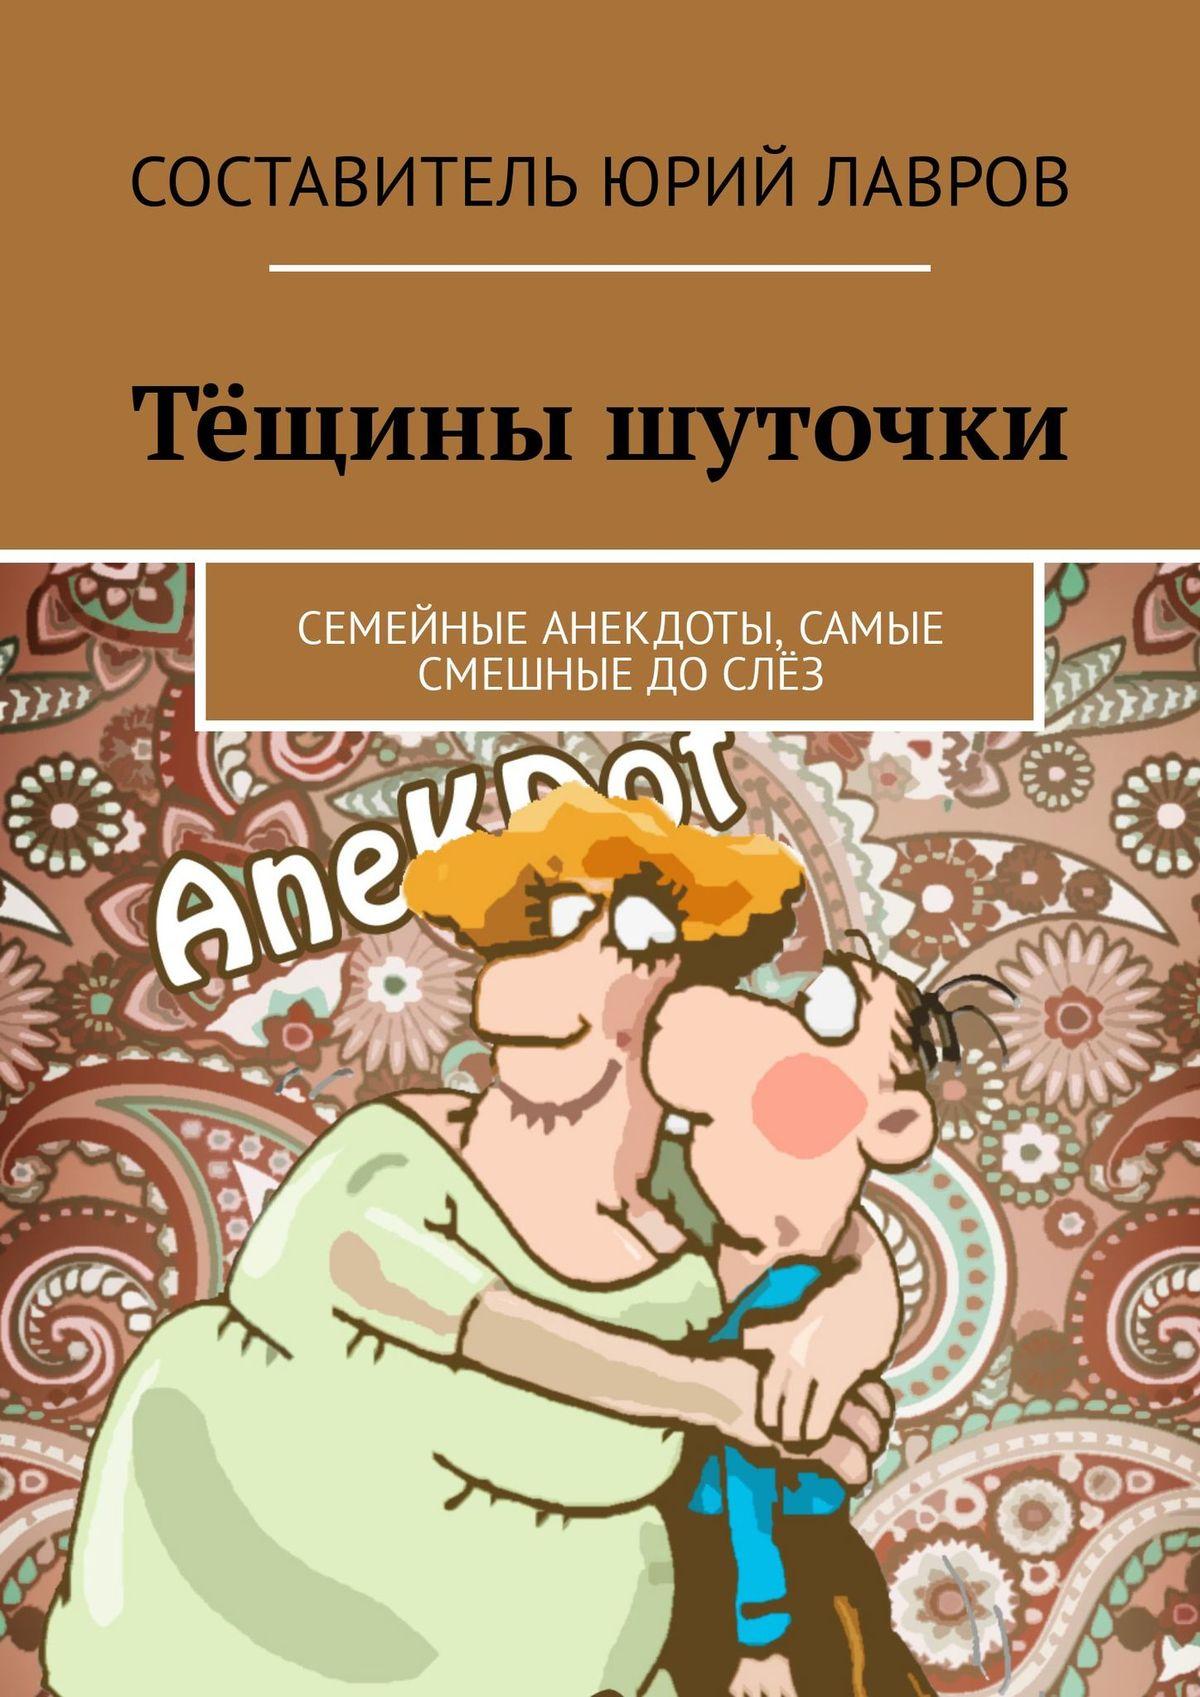 Юрий Лавров Тёщины шуточки. Семейные анекдоты, самые смешные дослёз юрий лавров анекдоты про кошек и